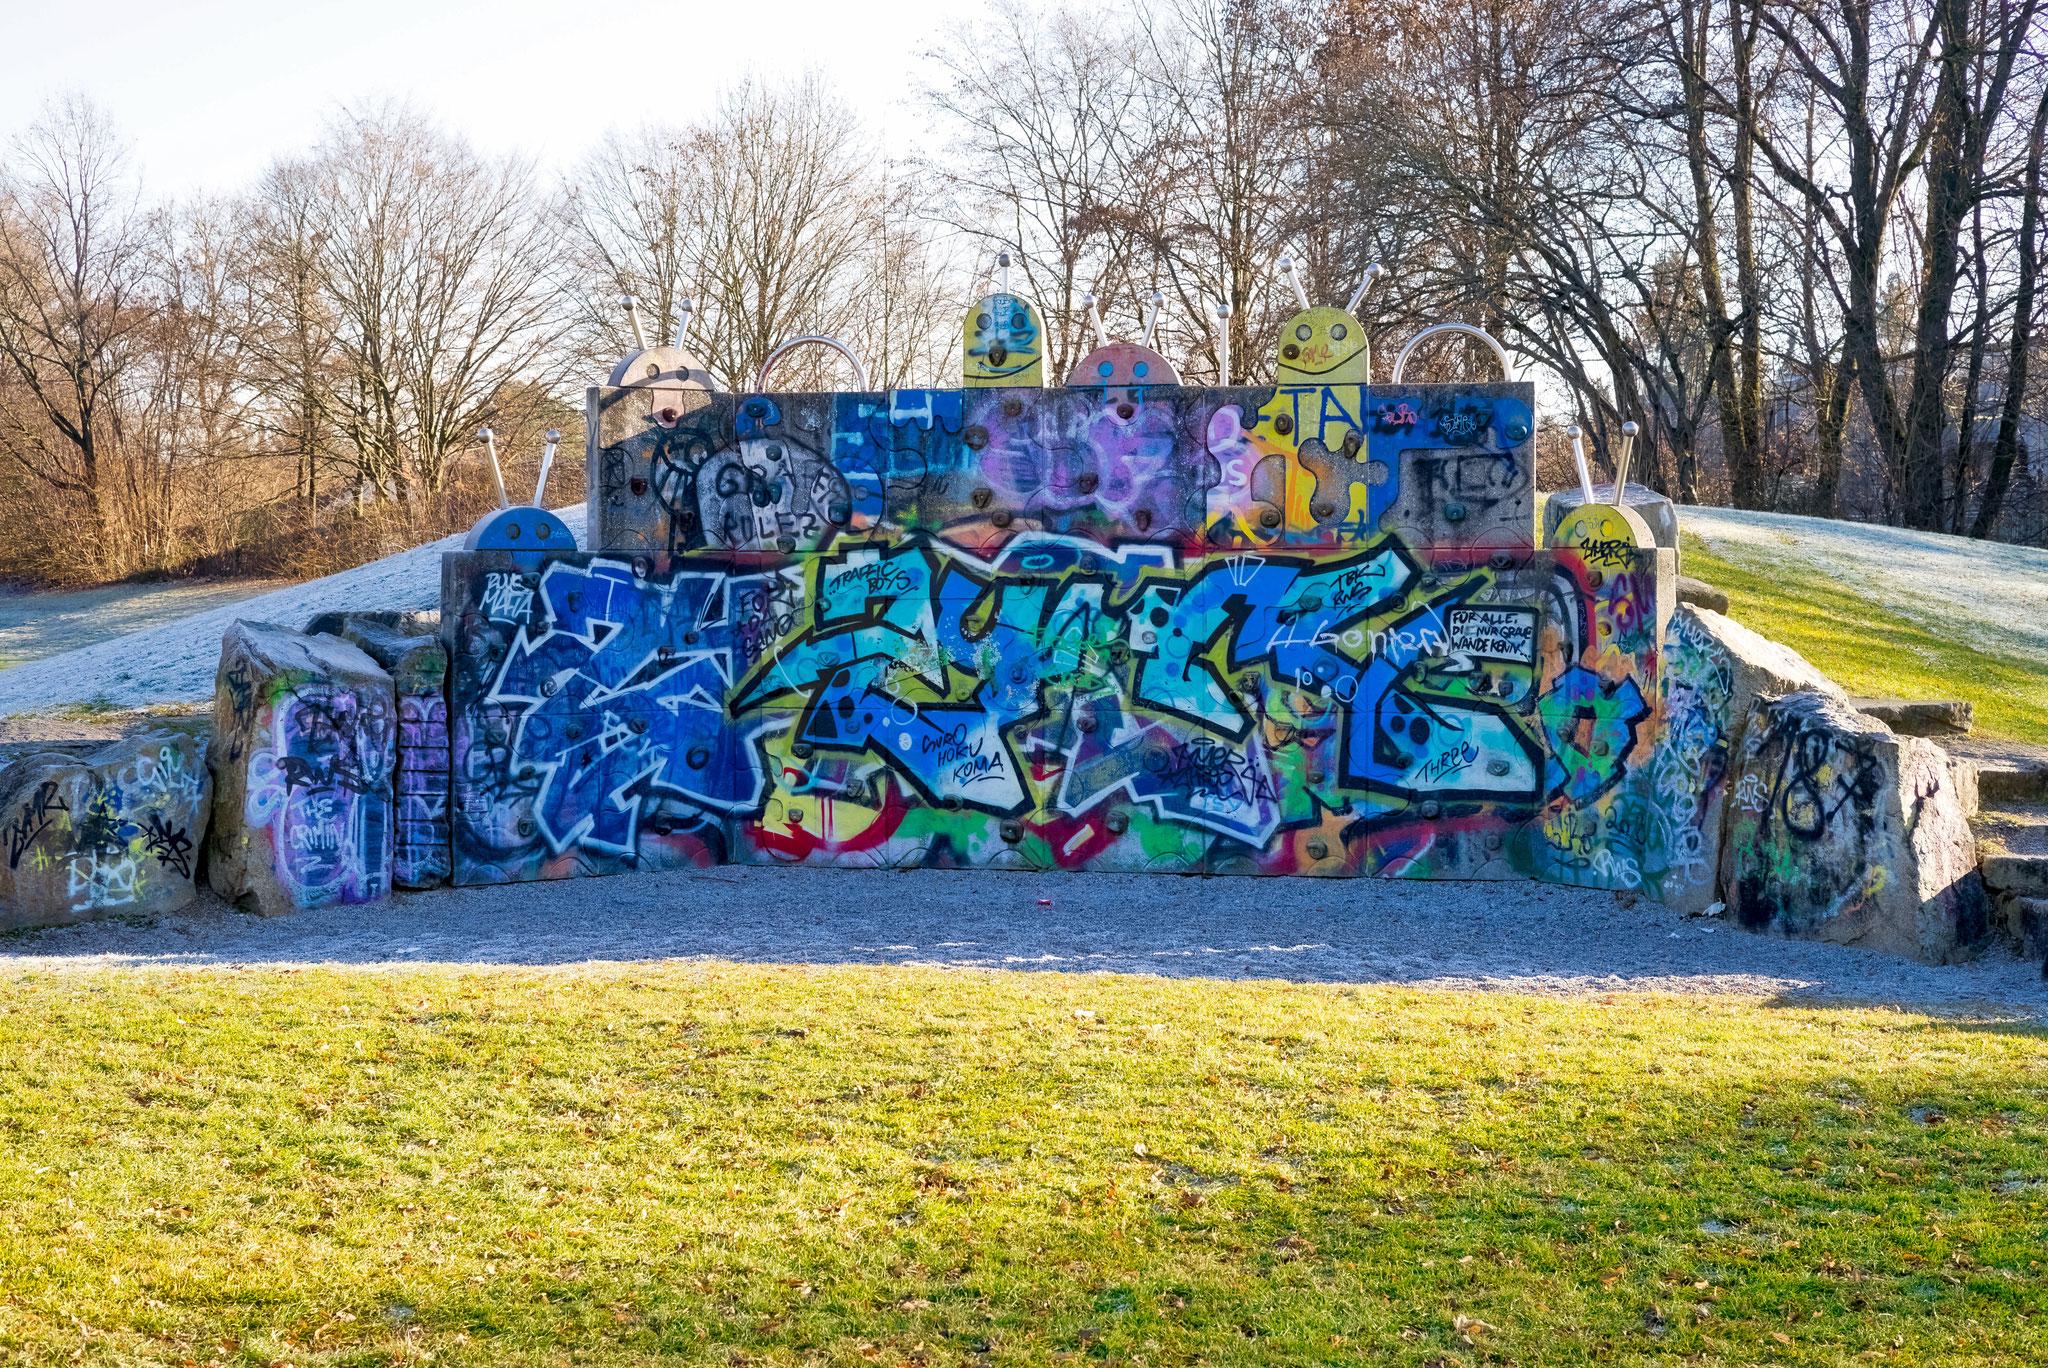 Kletterwand am Spielplatz in Trudering mit Grafitti.